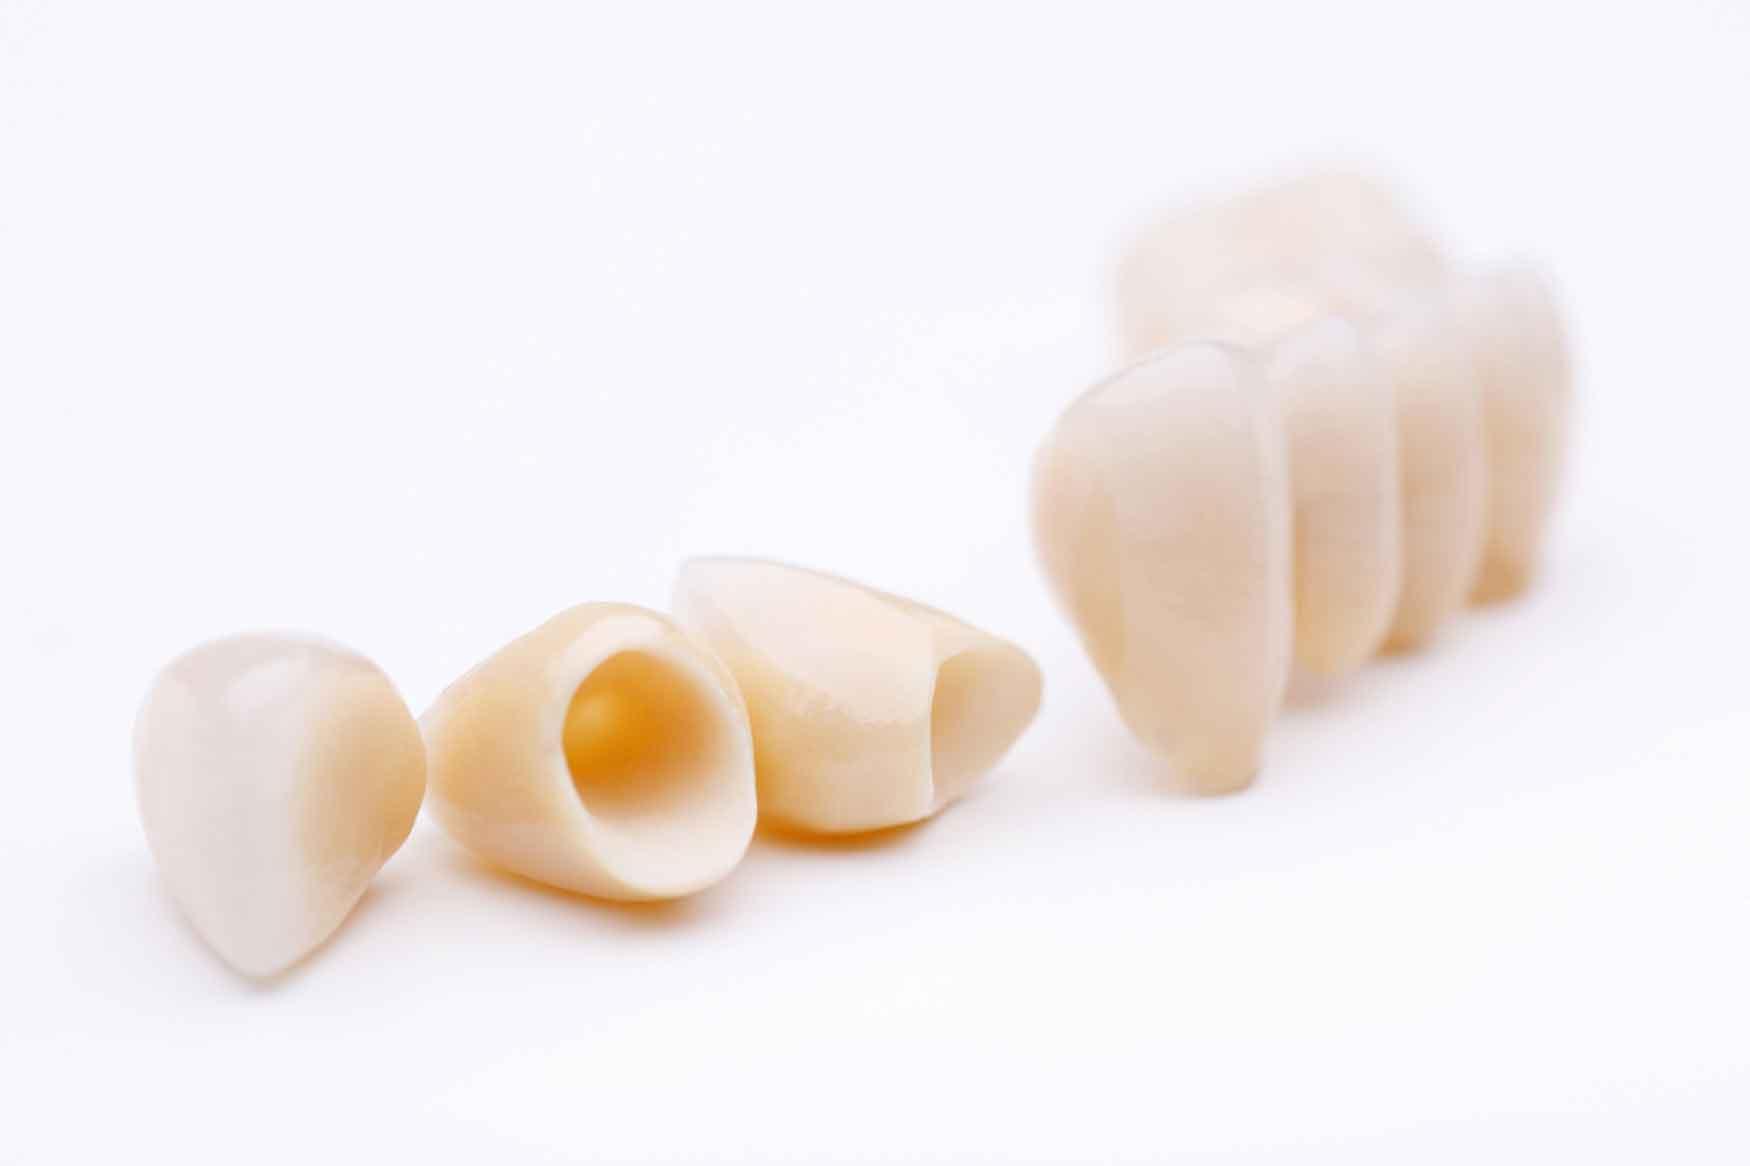 Zahnersatz verschiedene Größen